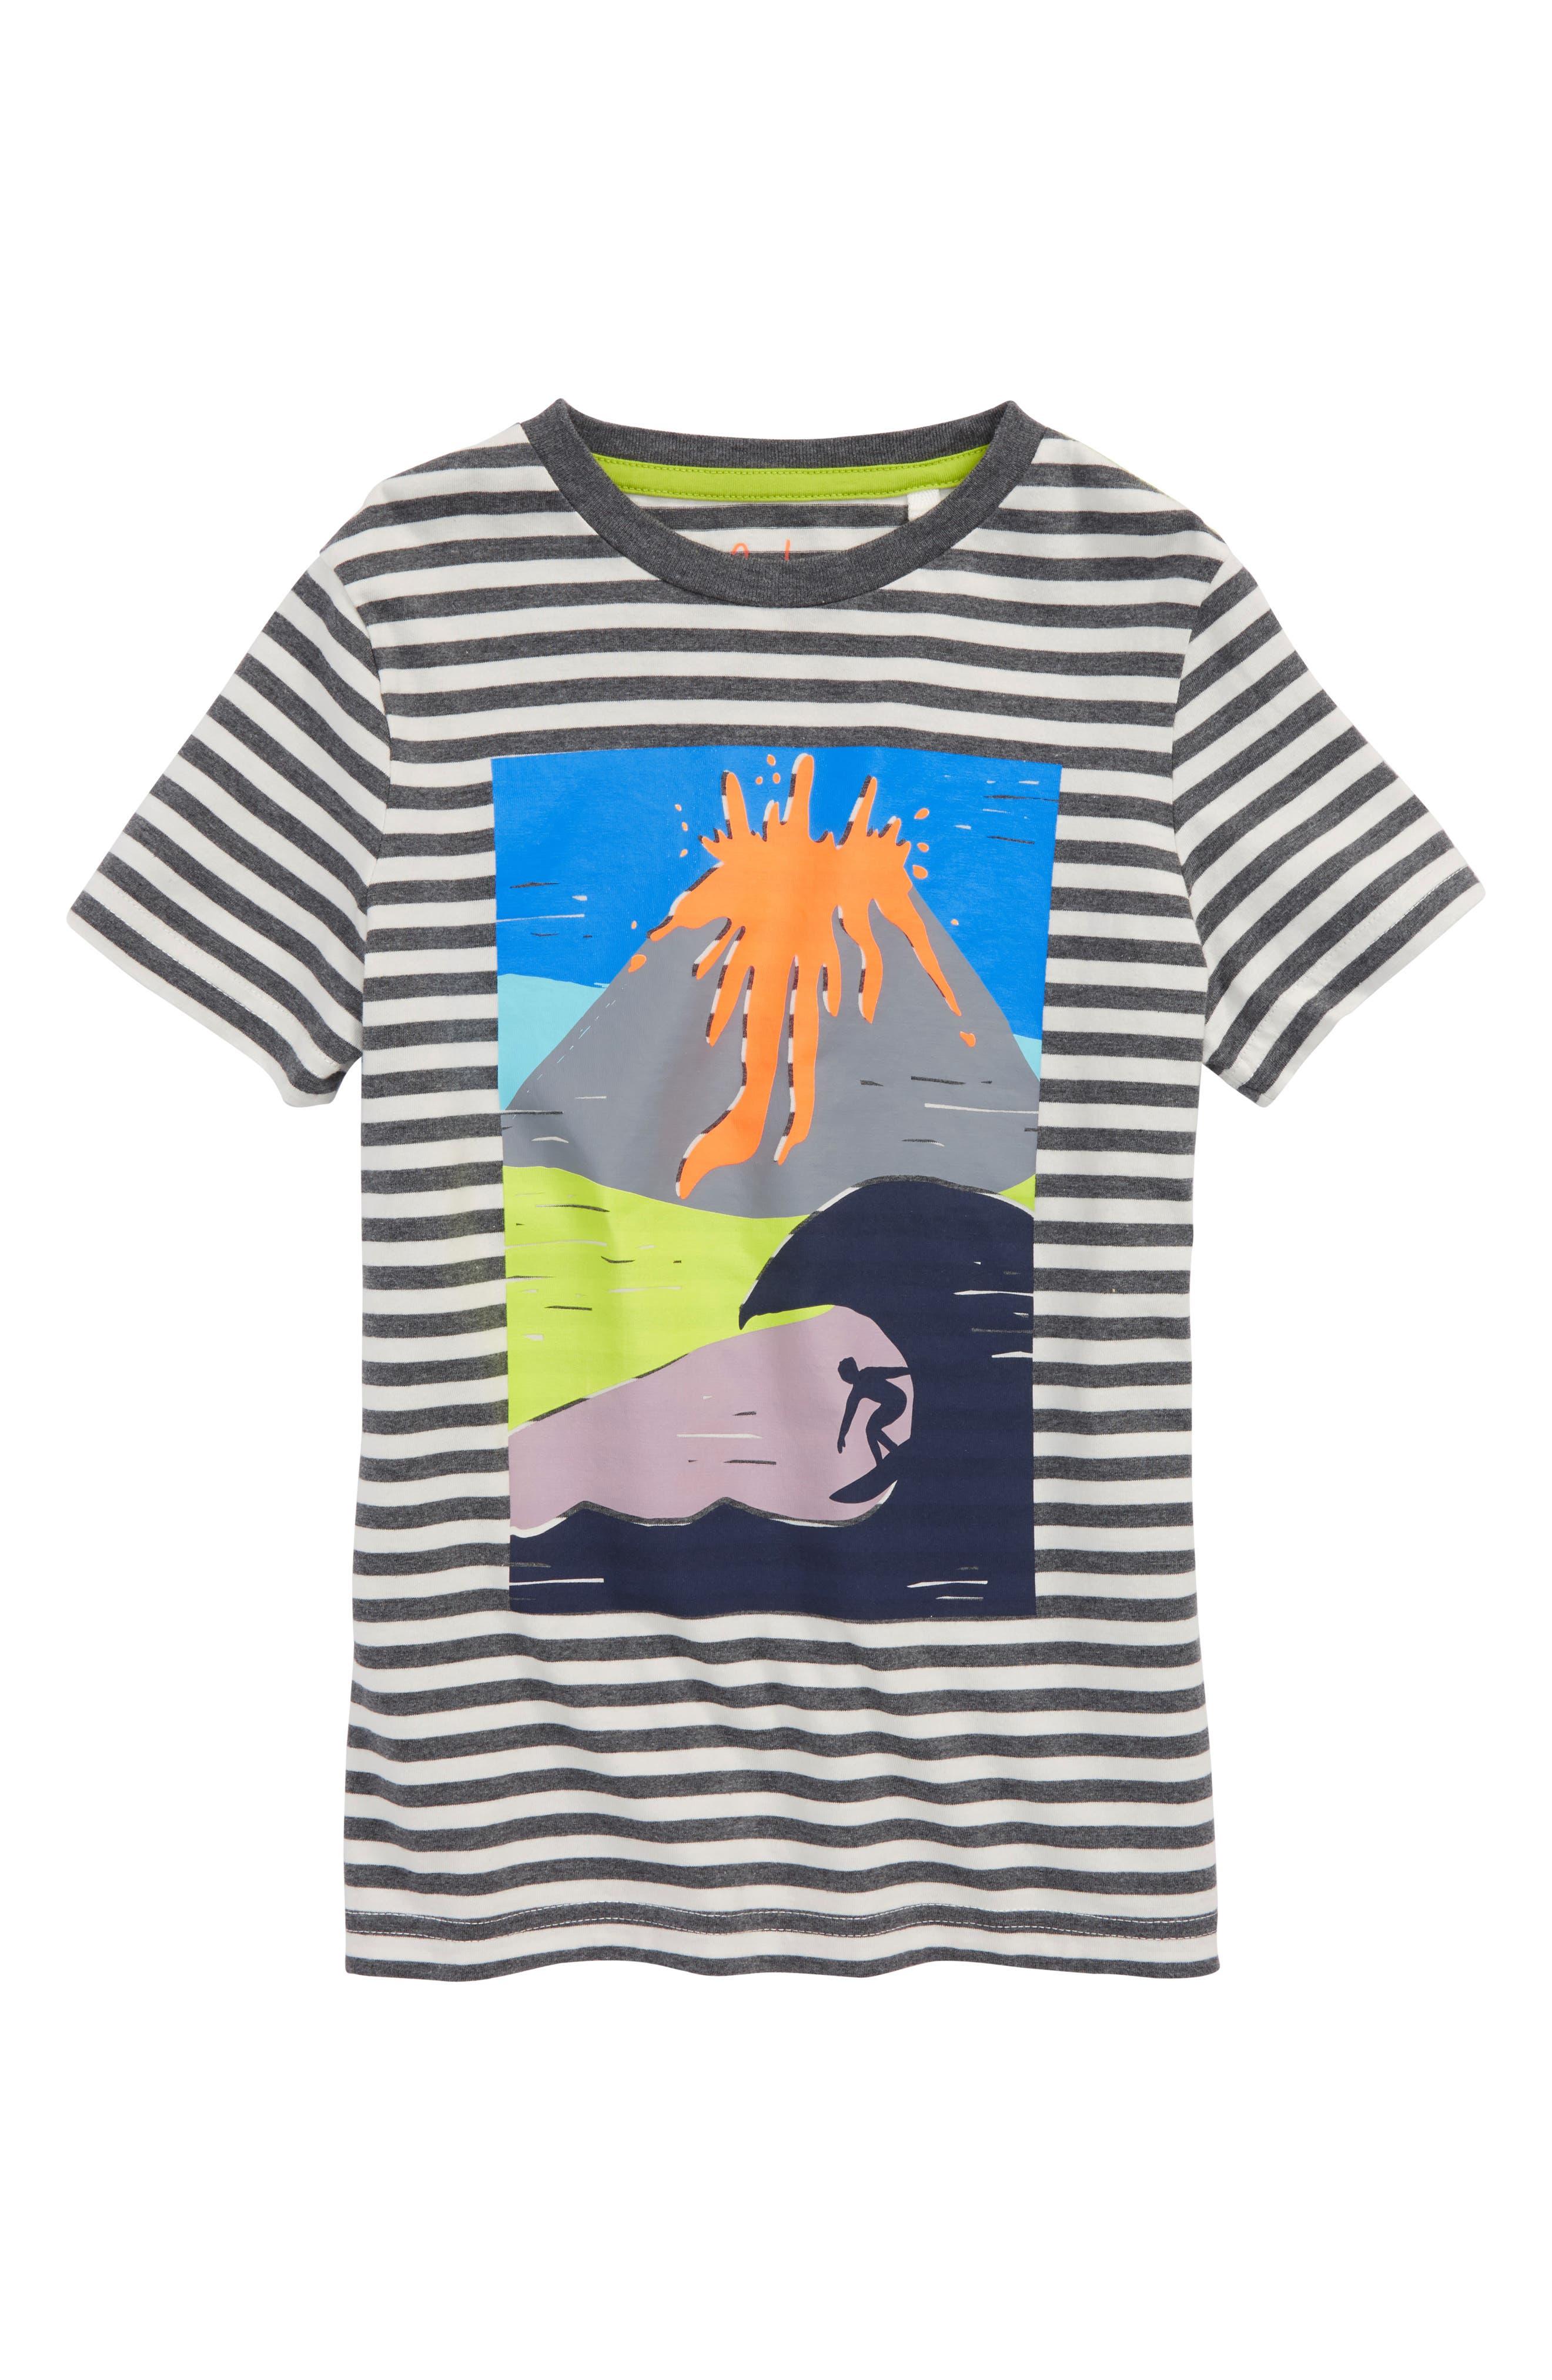 Arty Volcano T-Shirt,                             Main thumbnail 1, color,                             062